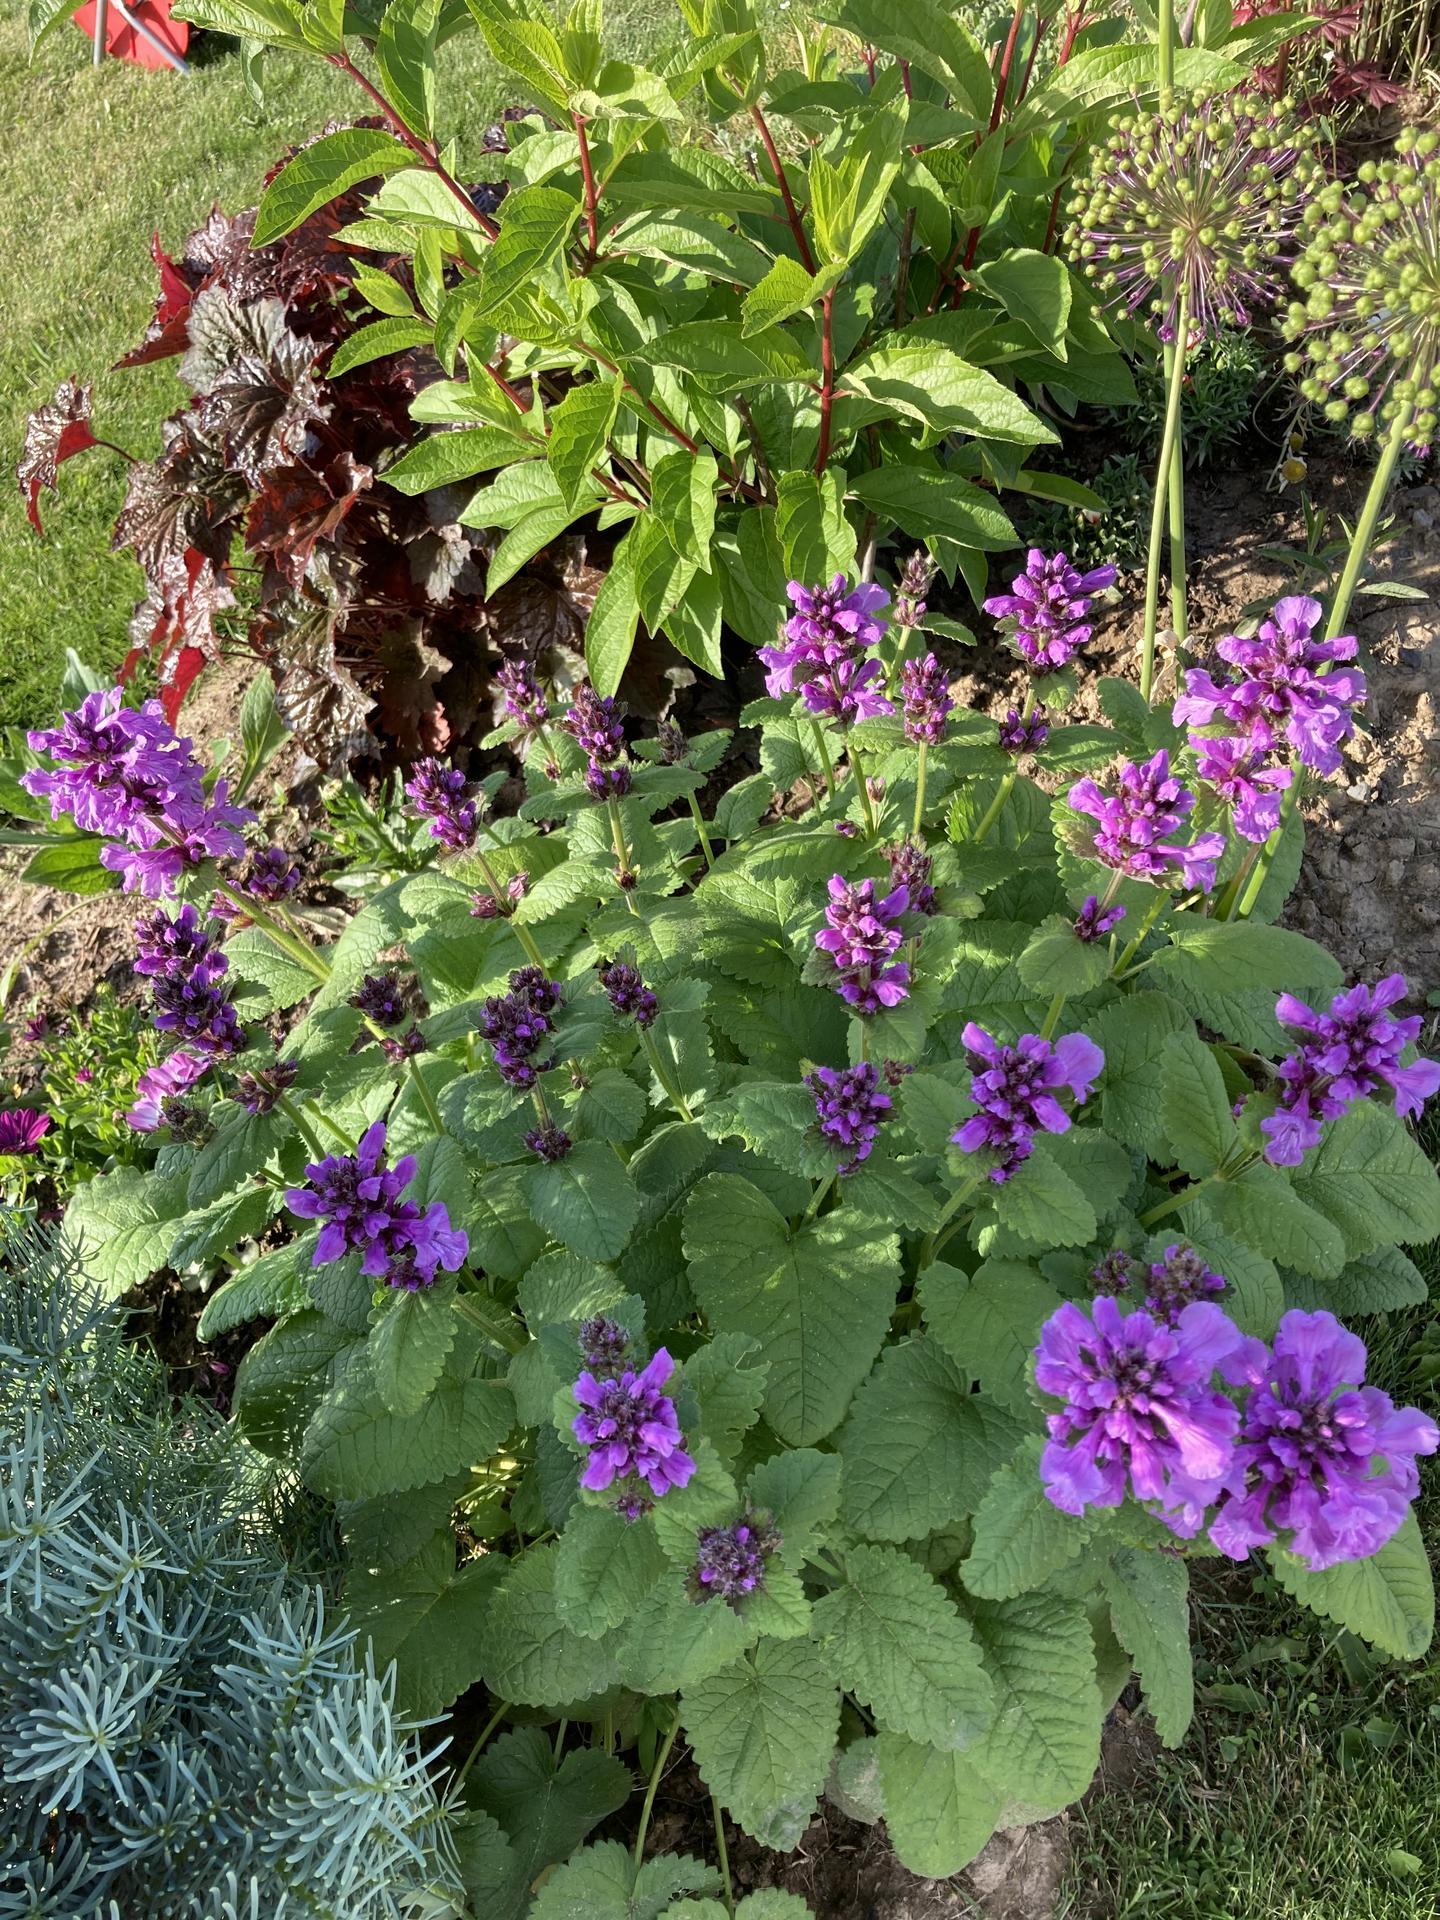 Šestý rok zahradničím - Hančin čistec se krásně rozkvetl :)